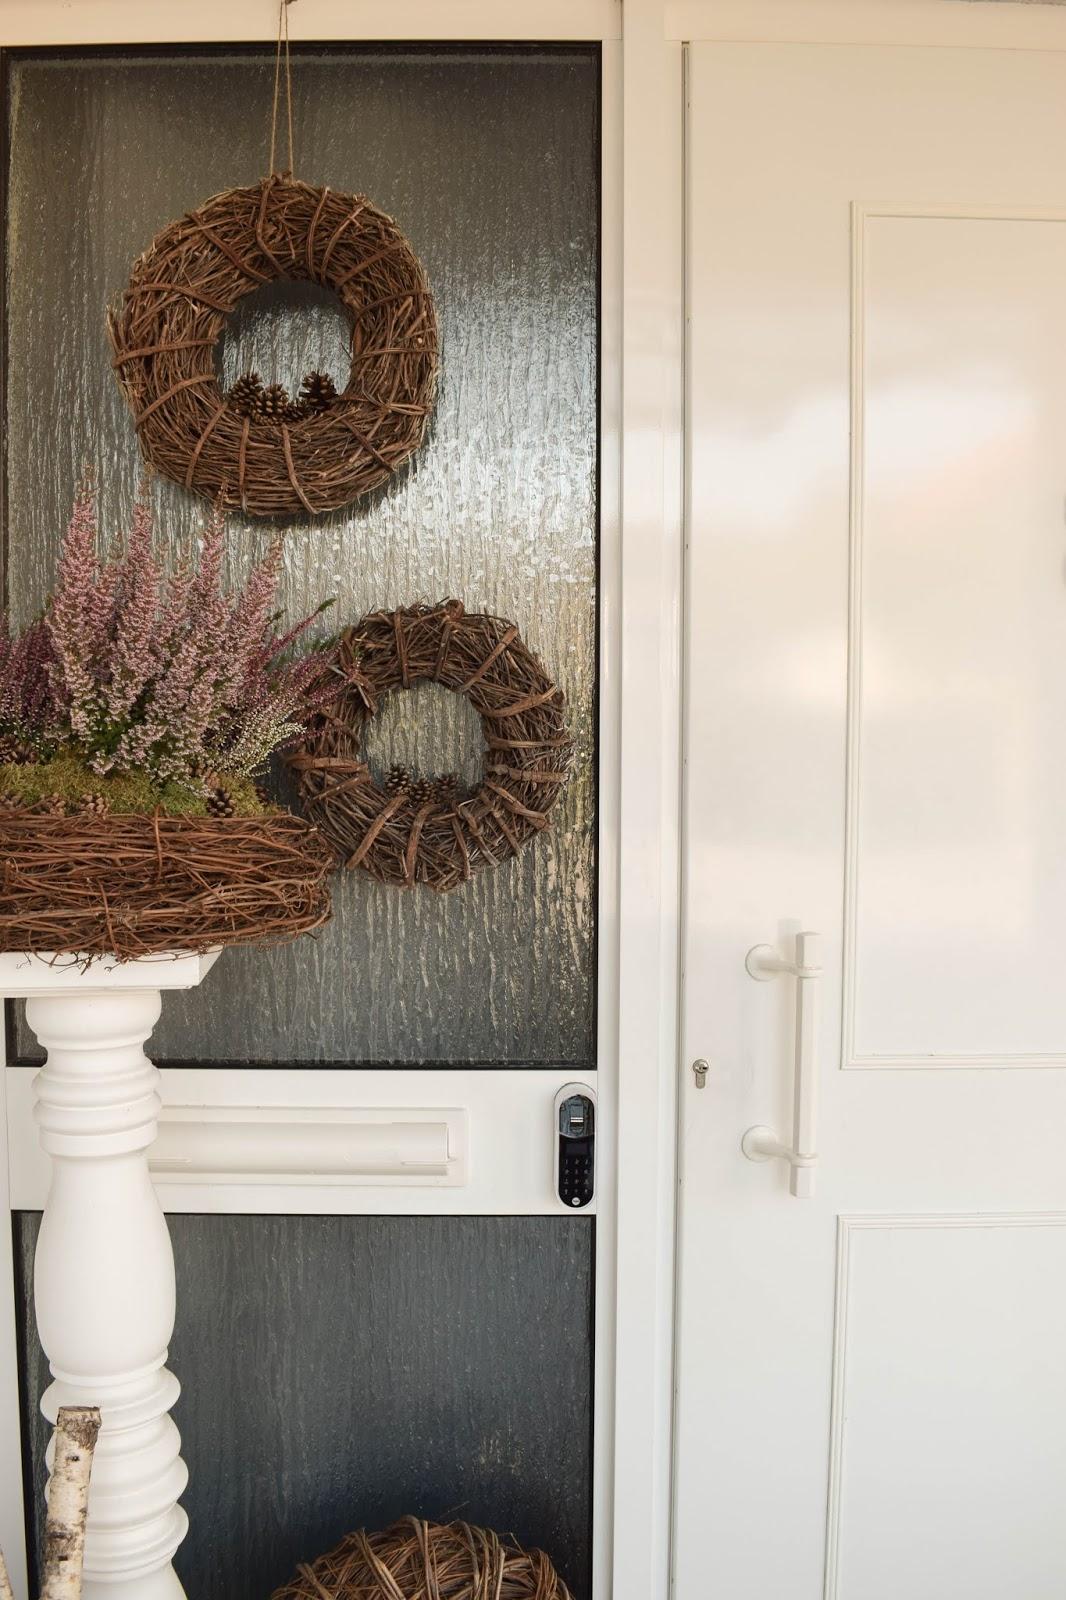 Yale Entr Smartlock: smartes Türschloss für Haustüre. Schliesssystem und intelligente Schliessloesung. Smart Home Ideen. Renovierung Tür, Eingang, Diele. Herbstdeko Dekoidee Herbst Kränze Eingang Tür natürlich dekorieren